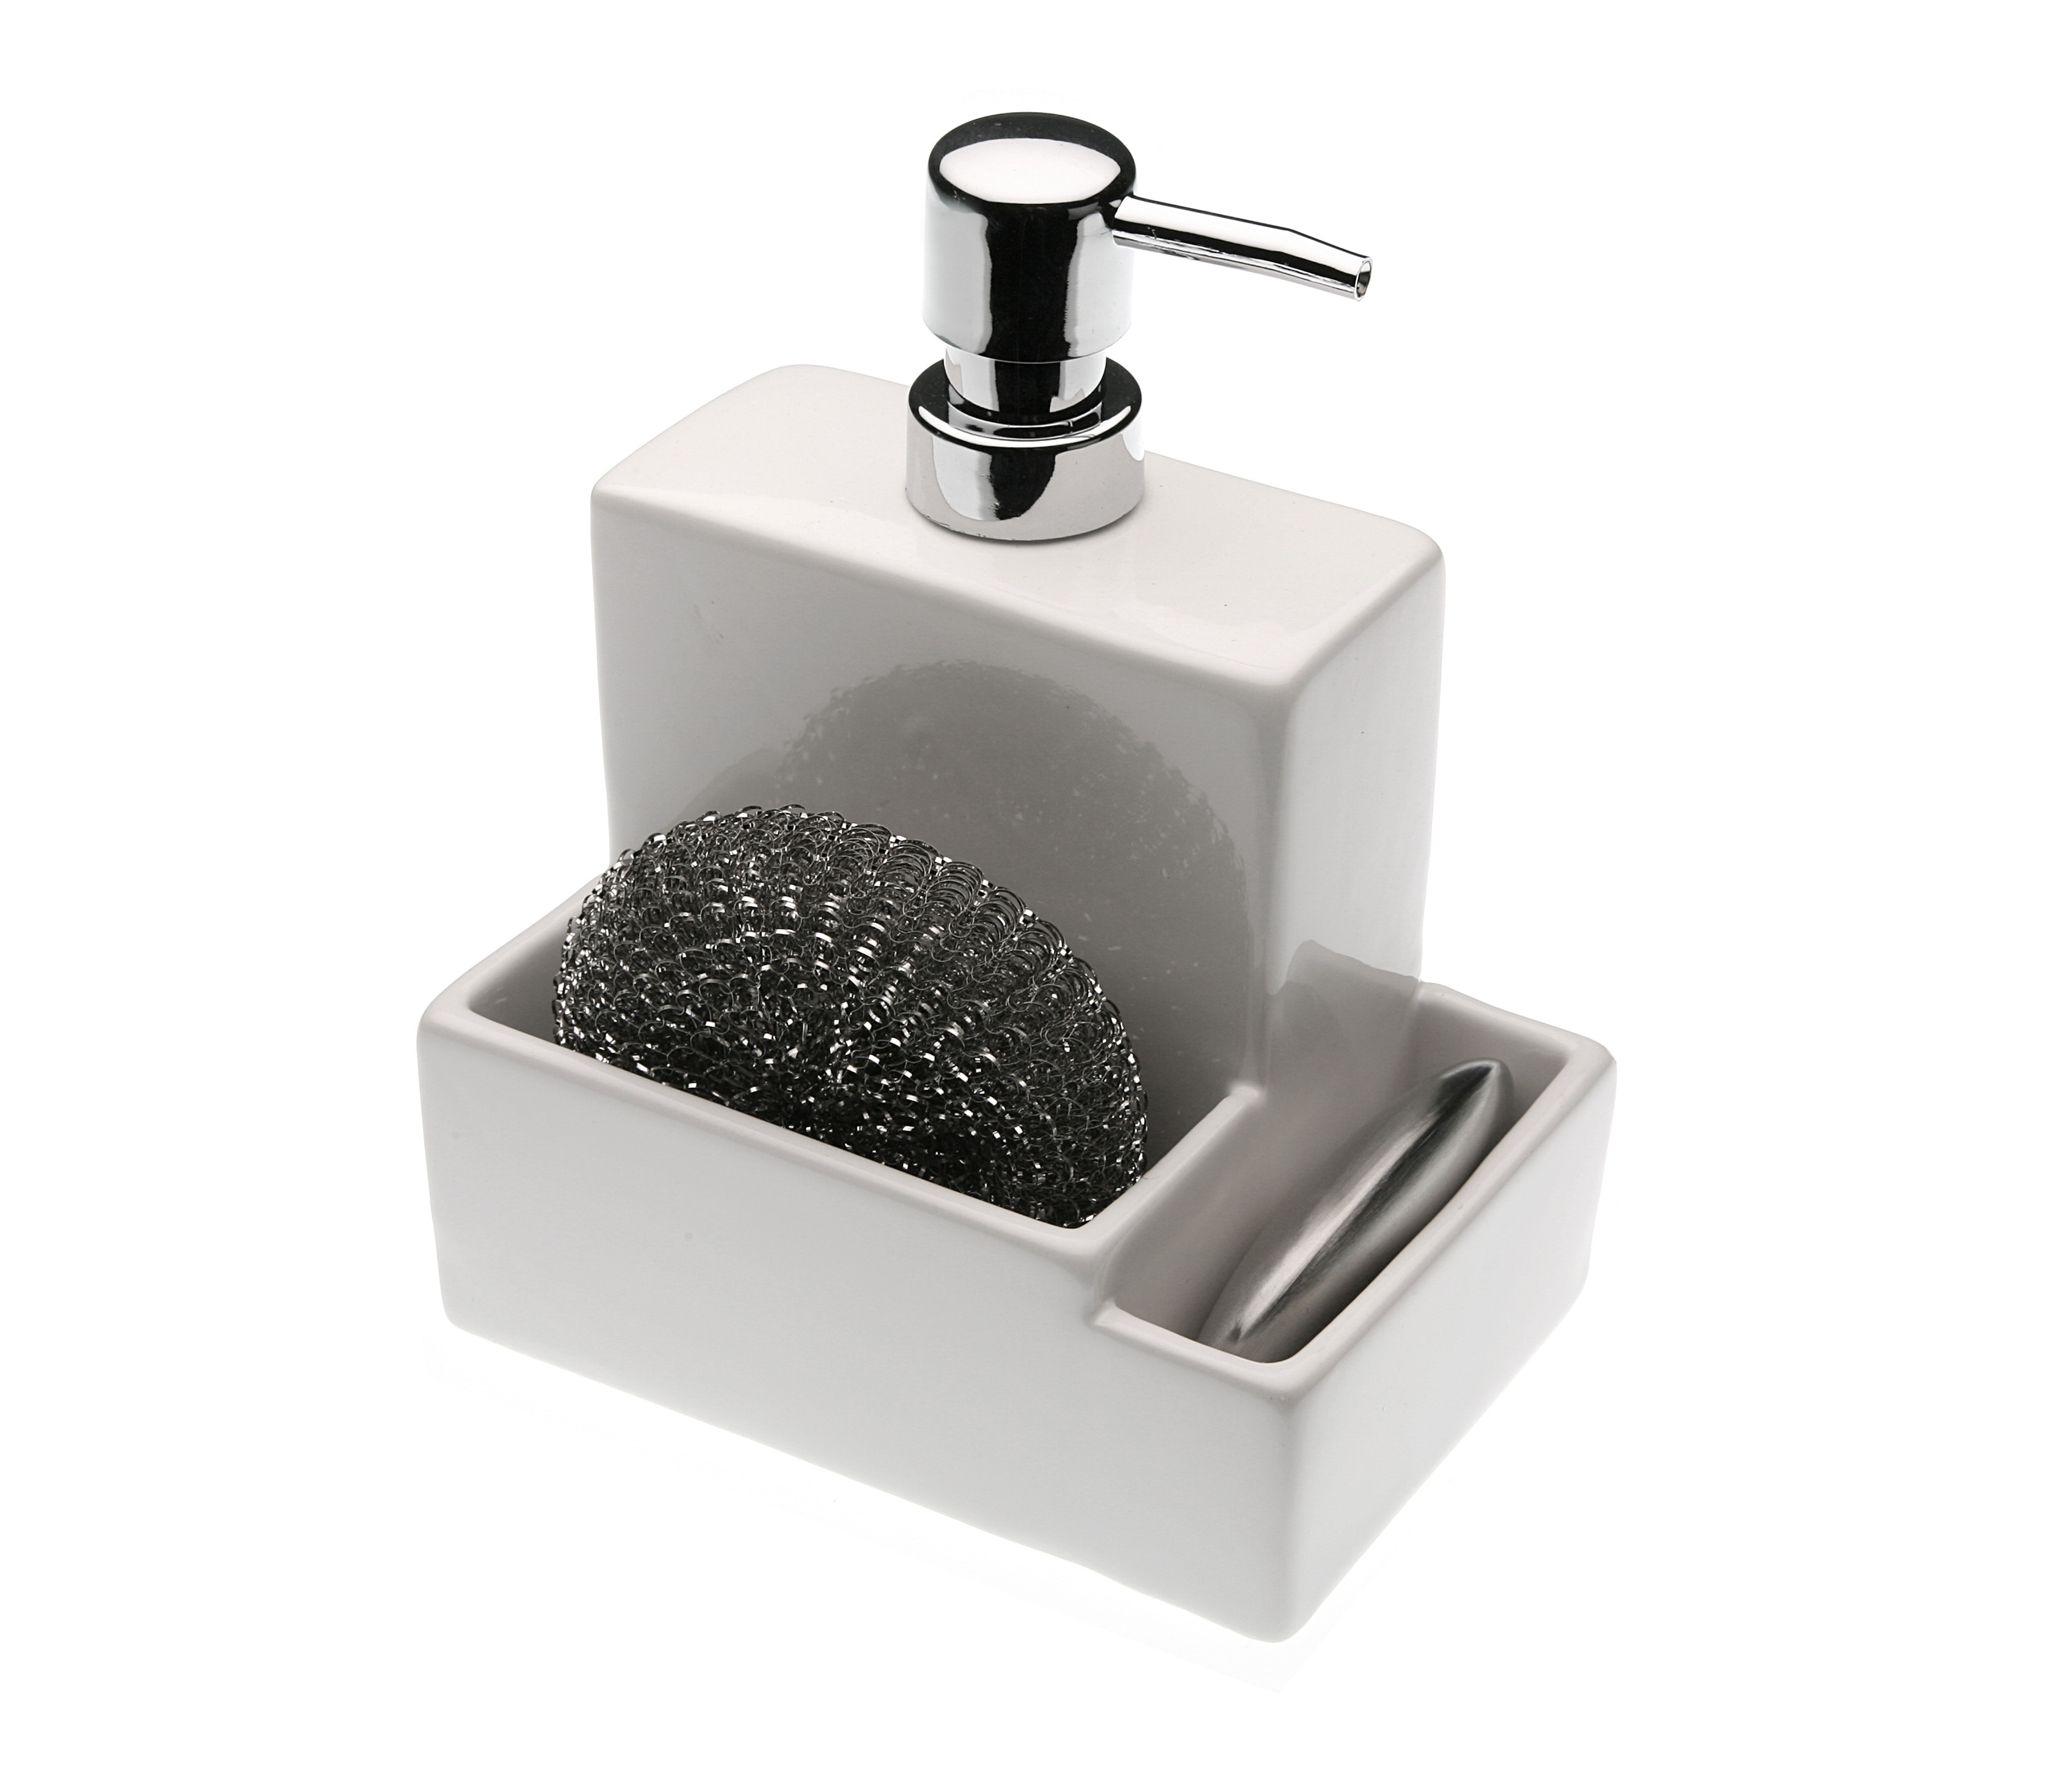 Дозатор для мыла с мочалкойАксессуары для кухни<br><br><br>Material: Керамика<br>Length см: None<br>Width см: 15<br>Depth см: 13<br>Height см: 20